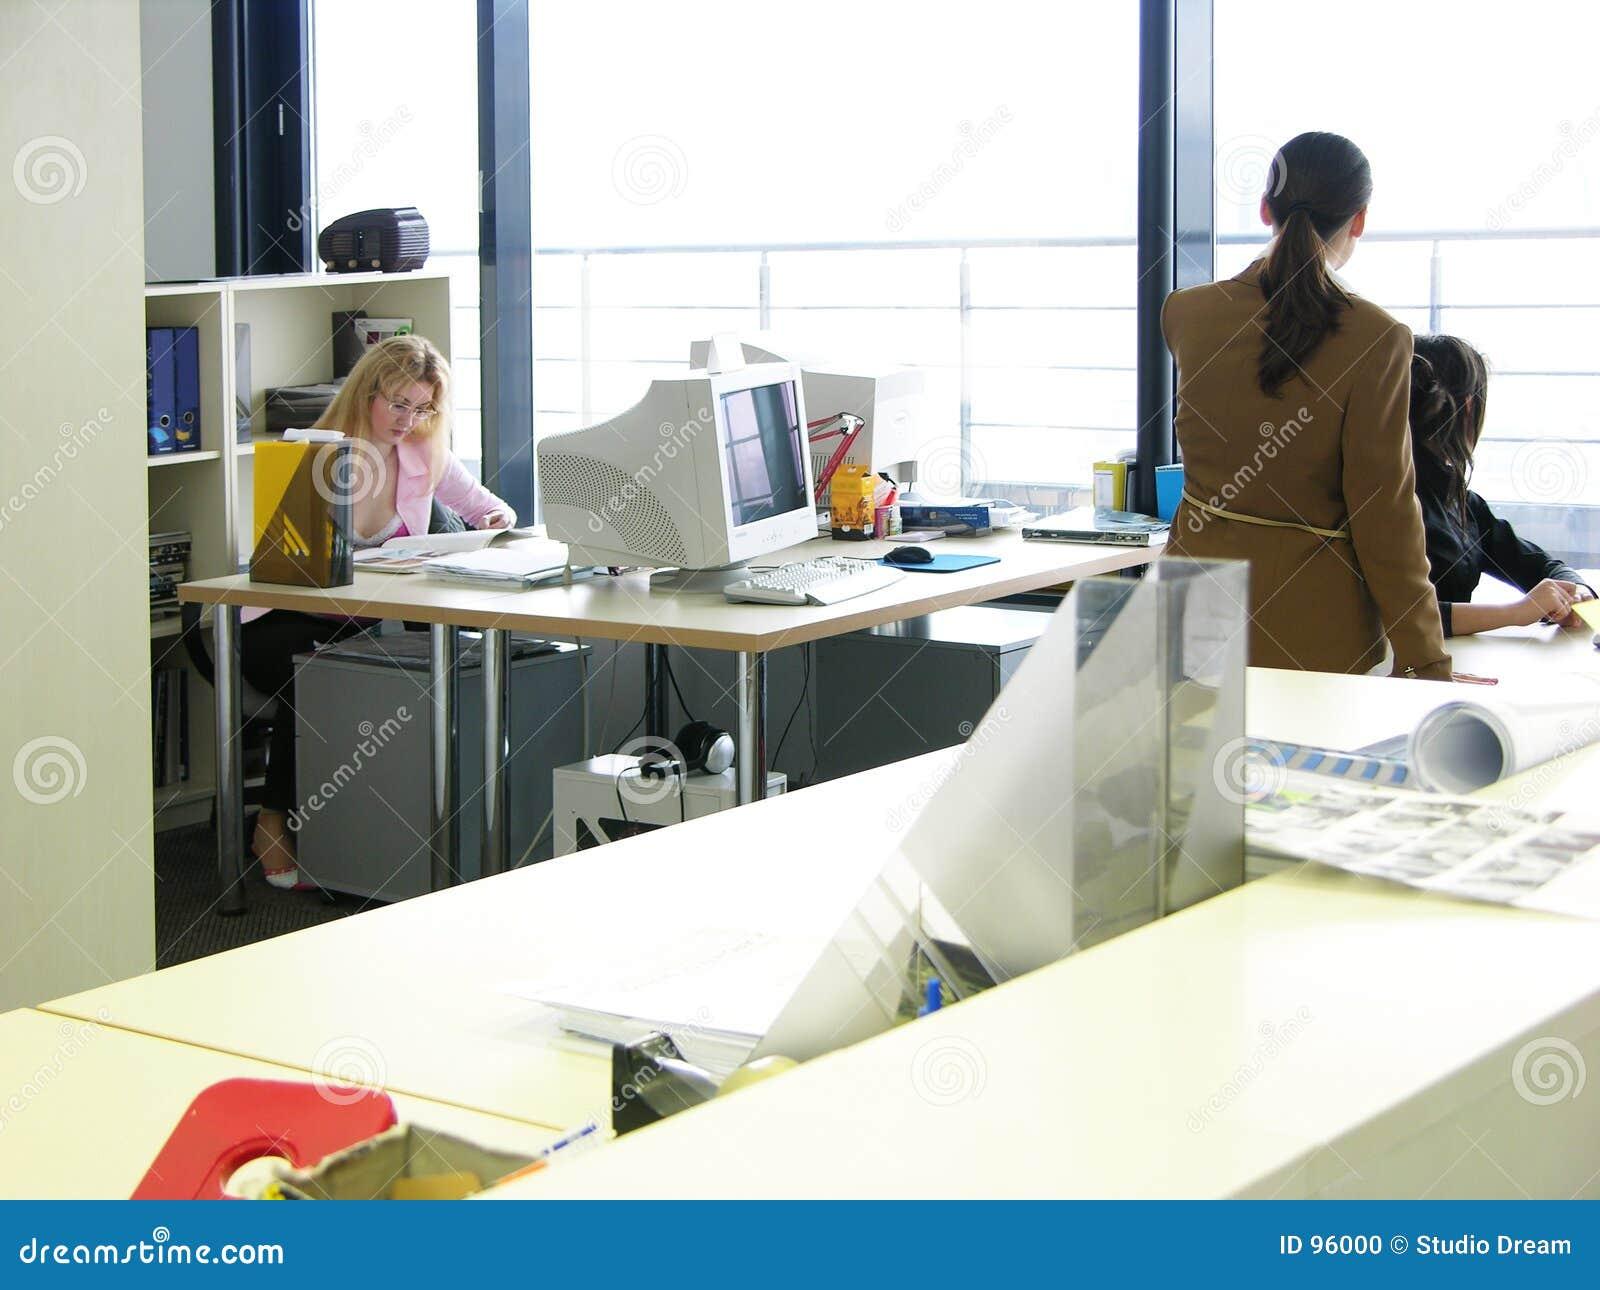 Lavoro d 39 ufficio fotografia stock immagine di donne for Ufficio lavoro